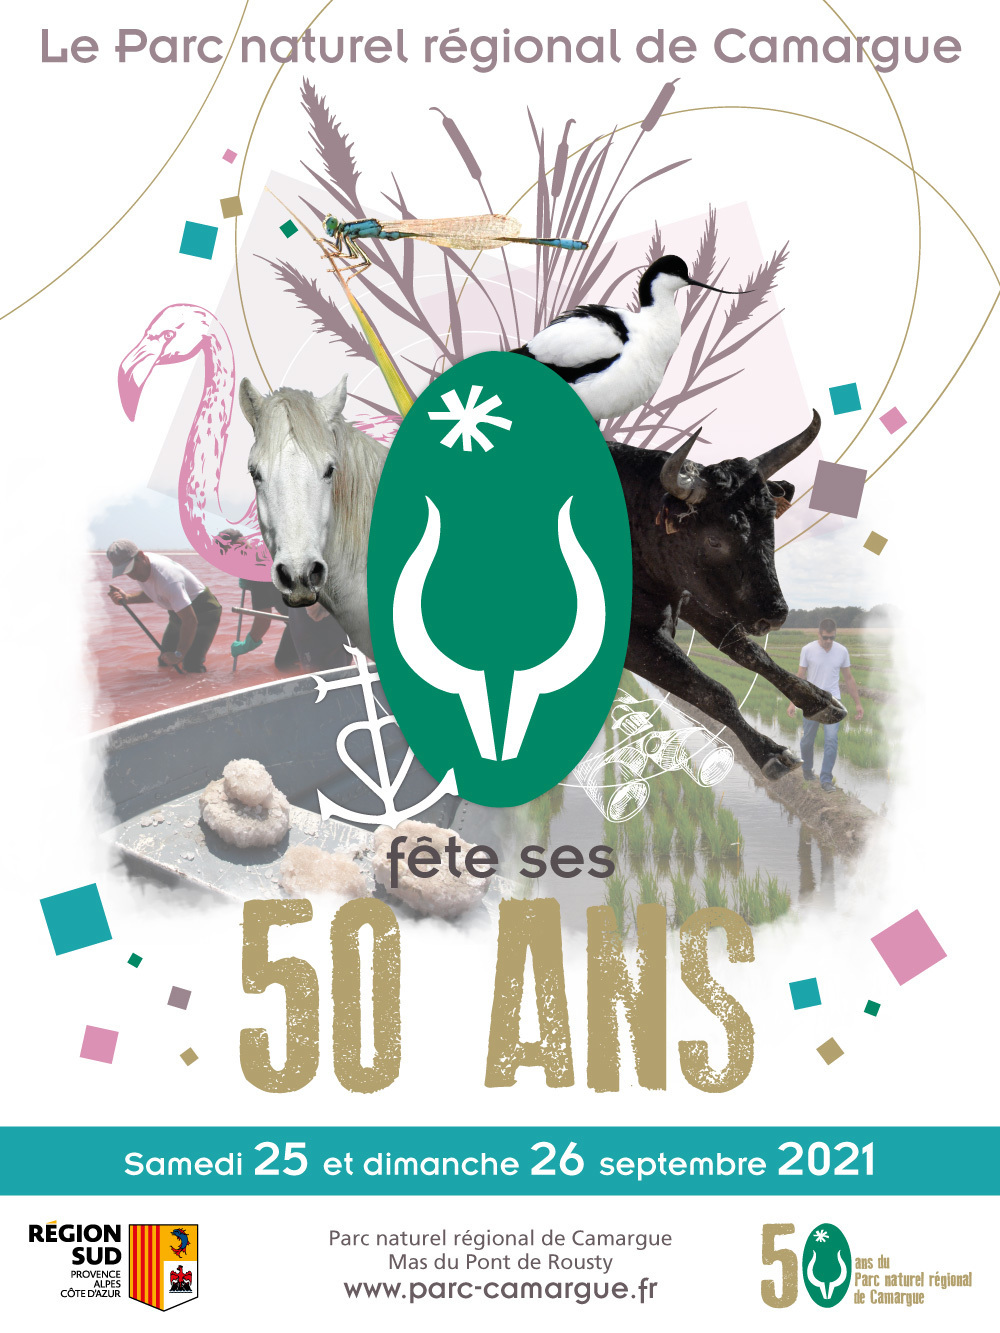 Pour ses 50 ans, le Parc naturel régional de Camargue propose un programme pour petits et grands afin de marquer 50 ans d'actions destinées à concilier protection de la nature et activités humaines...